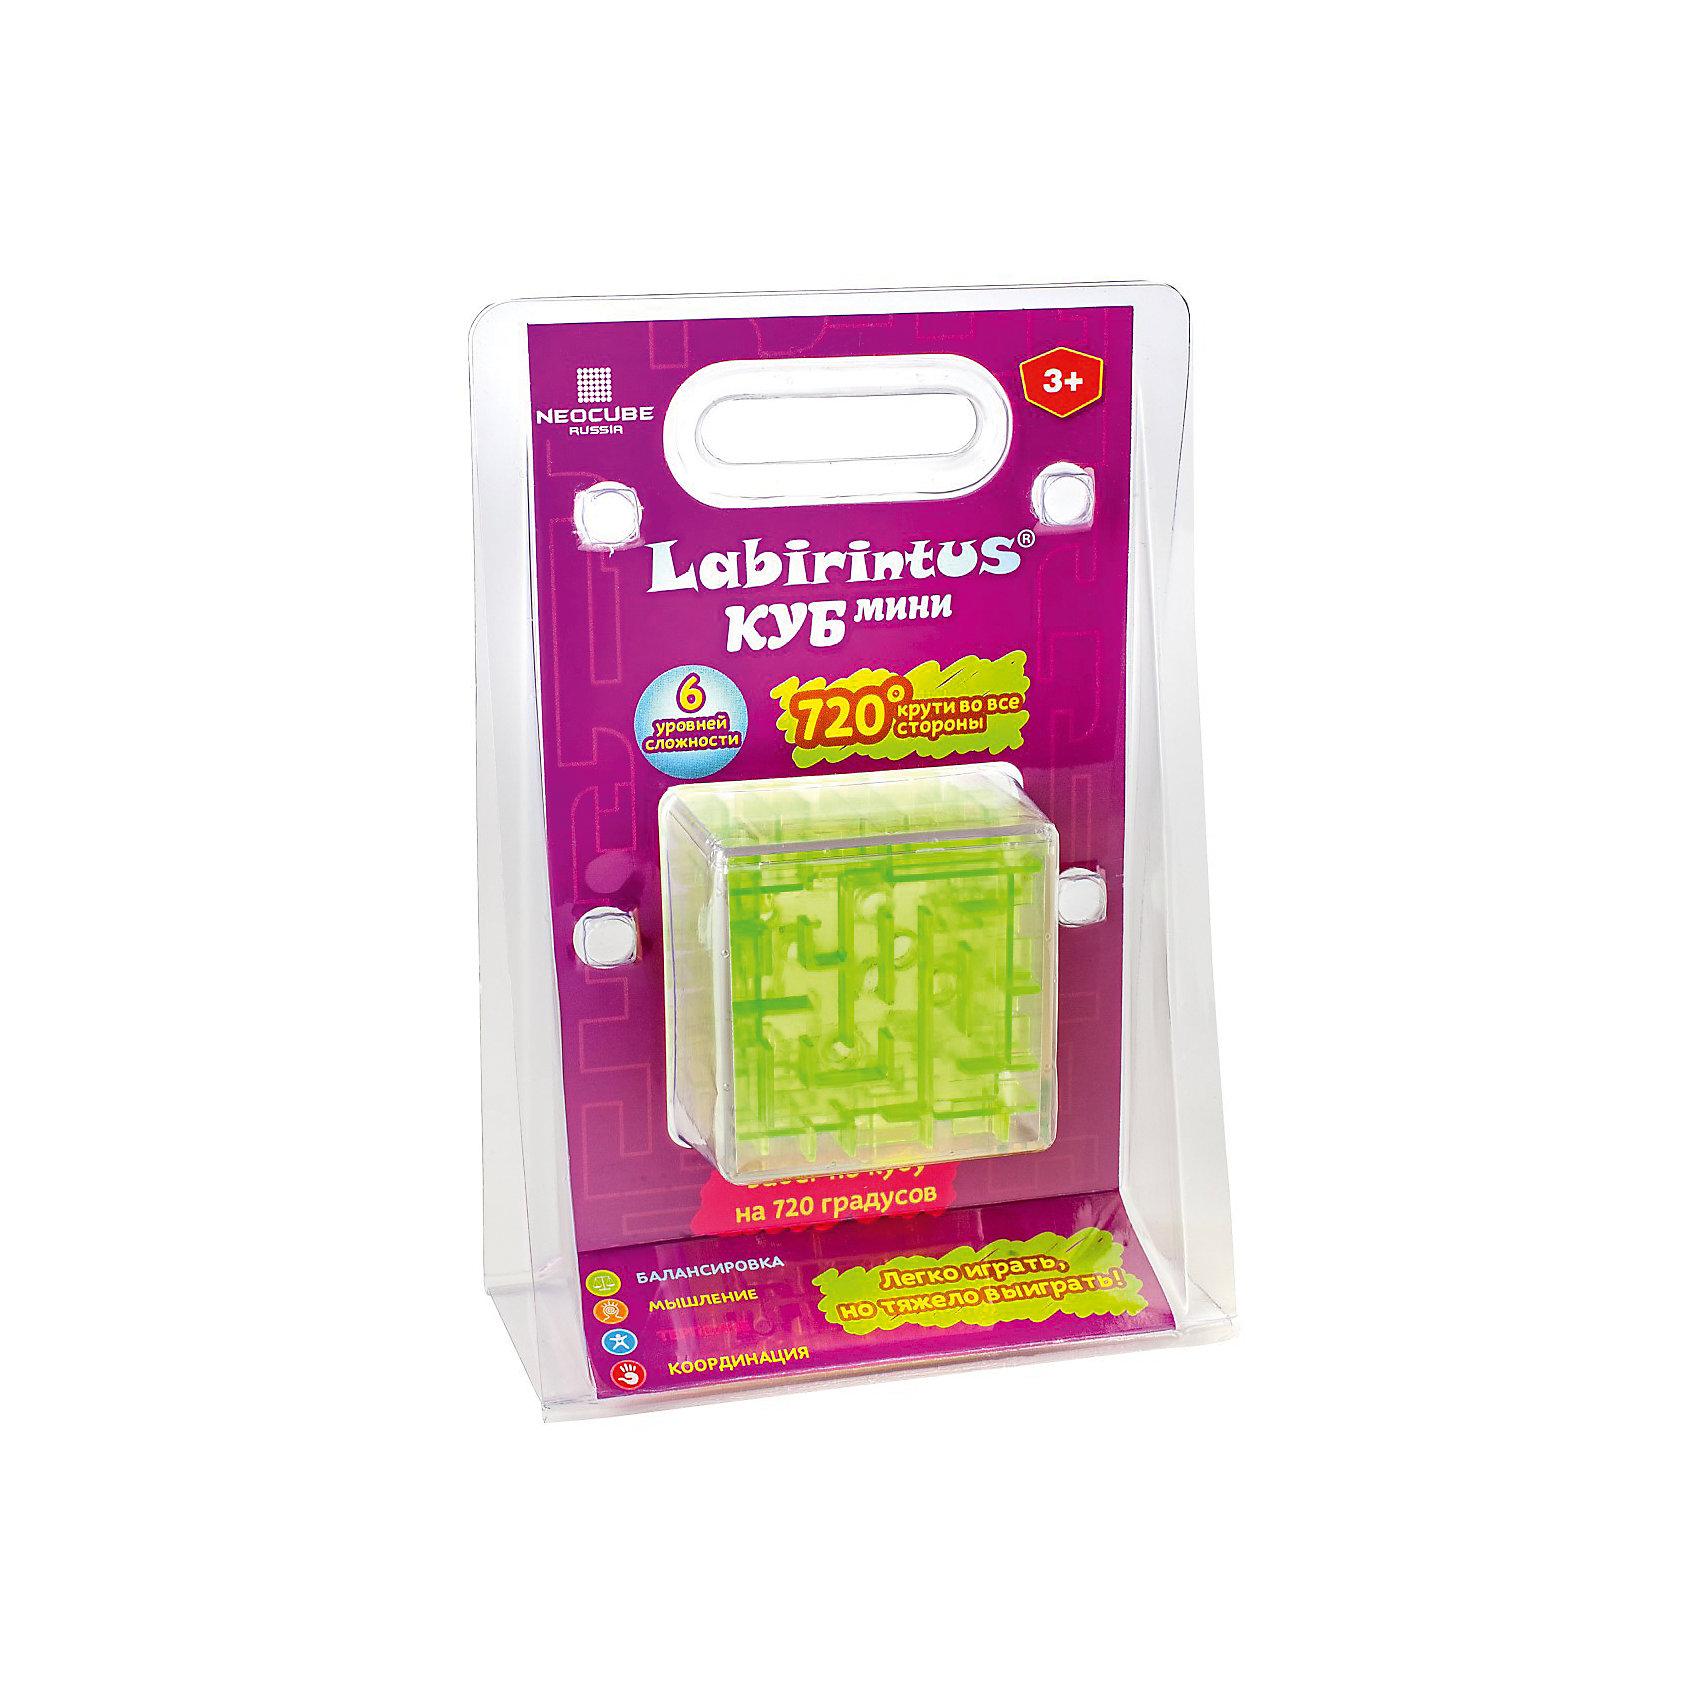 Лабиринтус Куб,  6см, зелёный, прозрачный, LabirintusИгры в дорогу<br>Лабиринтус Куб,  6см, зелёный, прозрачный, Labirintus<br><br>Лабиринт из различных дорожек в прозрачномкубе ведет к цели металлический шарик, путем вращения прозрачной сферы в руках. <br>Игрушка, предназначенная развивать терпение, ловкость, память, моторику и пространственное мышление.<br><br>Вес: 0,10<br>Инд. упаковка: коробка<br>Материал: пластик, металл<br>Размеры ДхВхШ: 0,13х0,19х0,035<br><br>Ширина мм: 130<br>Глубина мм: 350<br>Высота мм: 190<br>Вес г: 100<br>Возраст от месяцев: 48<br>Возраст до месяцев: 192<br>Пол: Унисекс<br>Возраст: Детский<br>SKU: 5124644